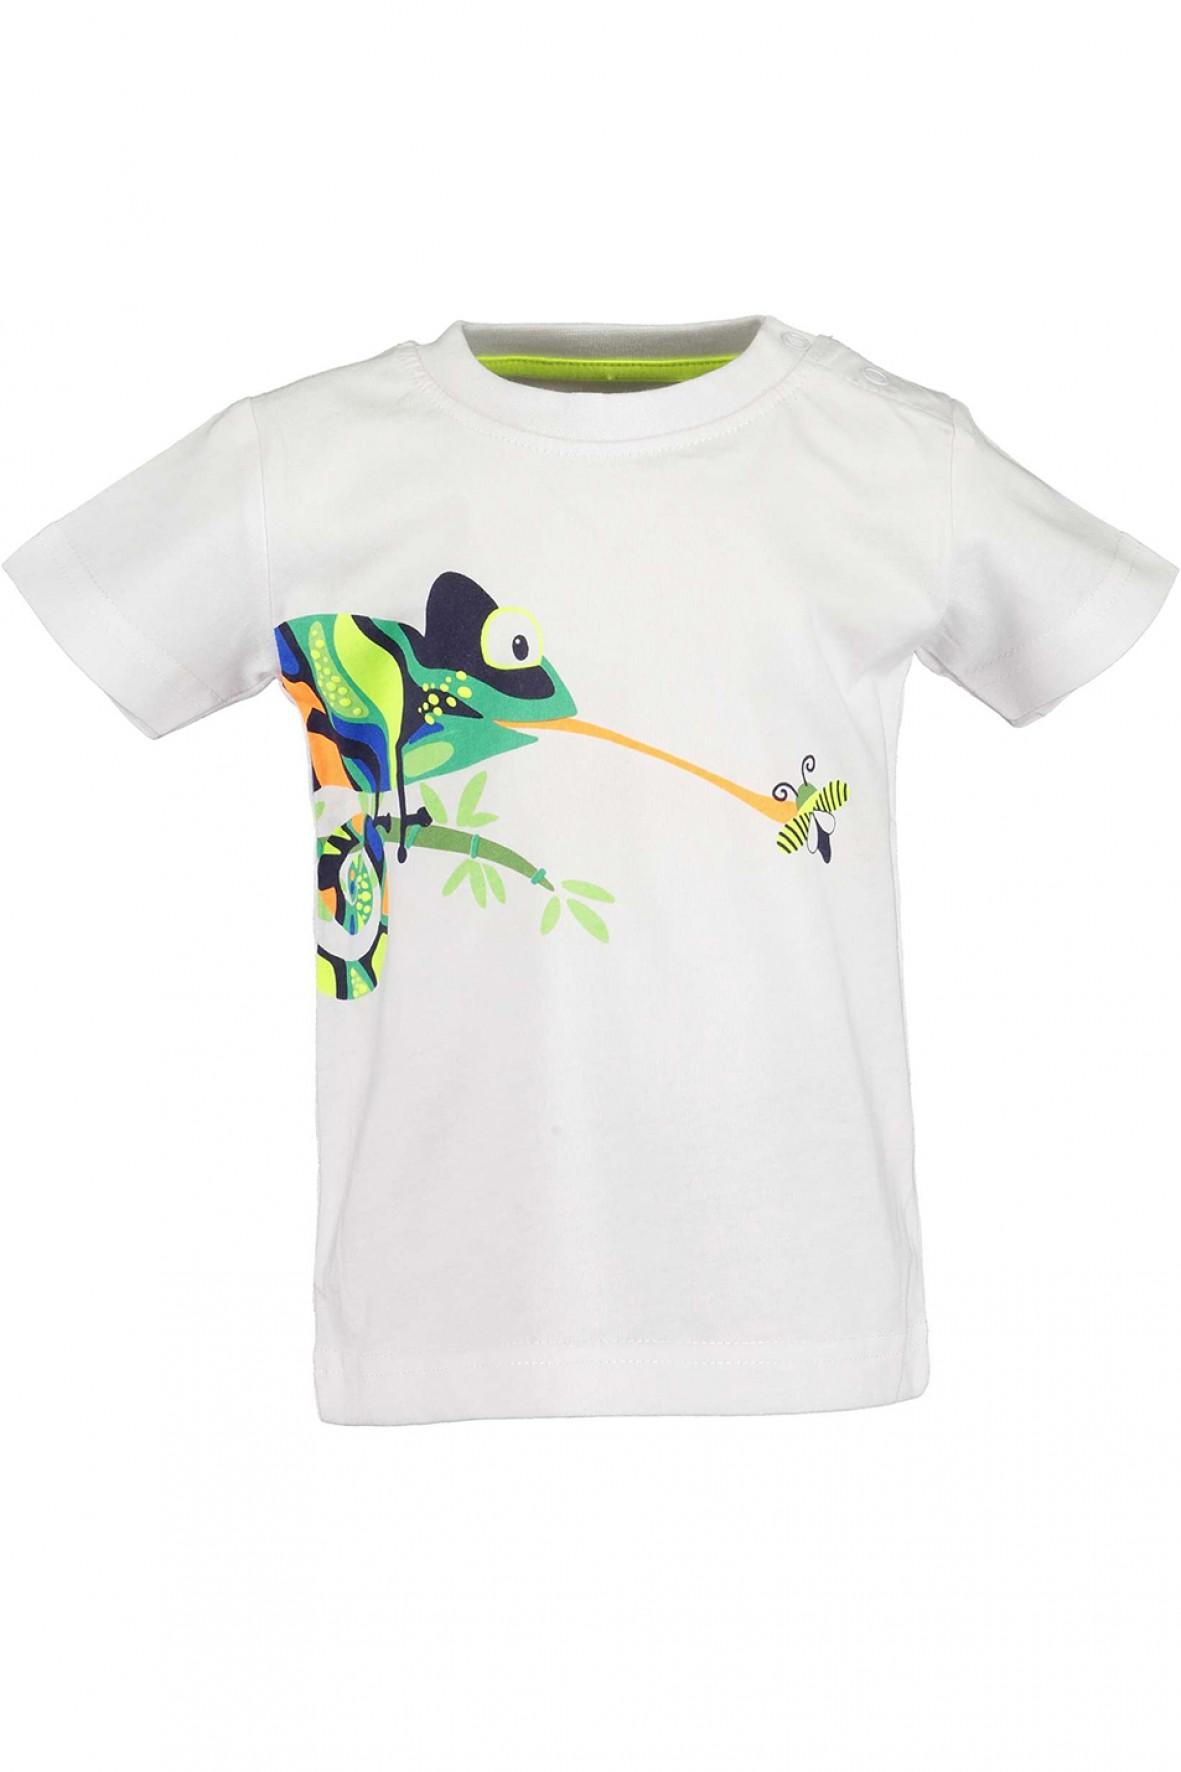 Koszulka chłopięca biała z kameleonem